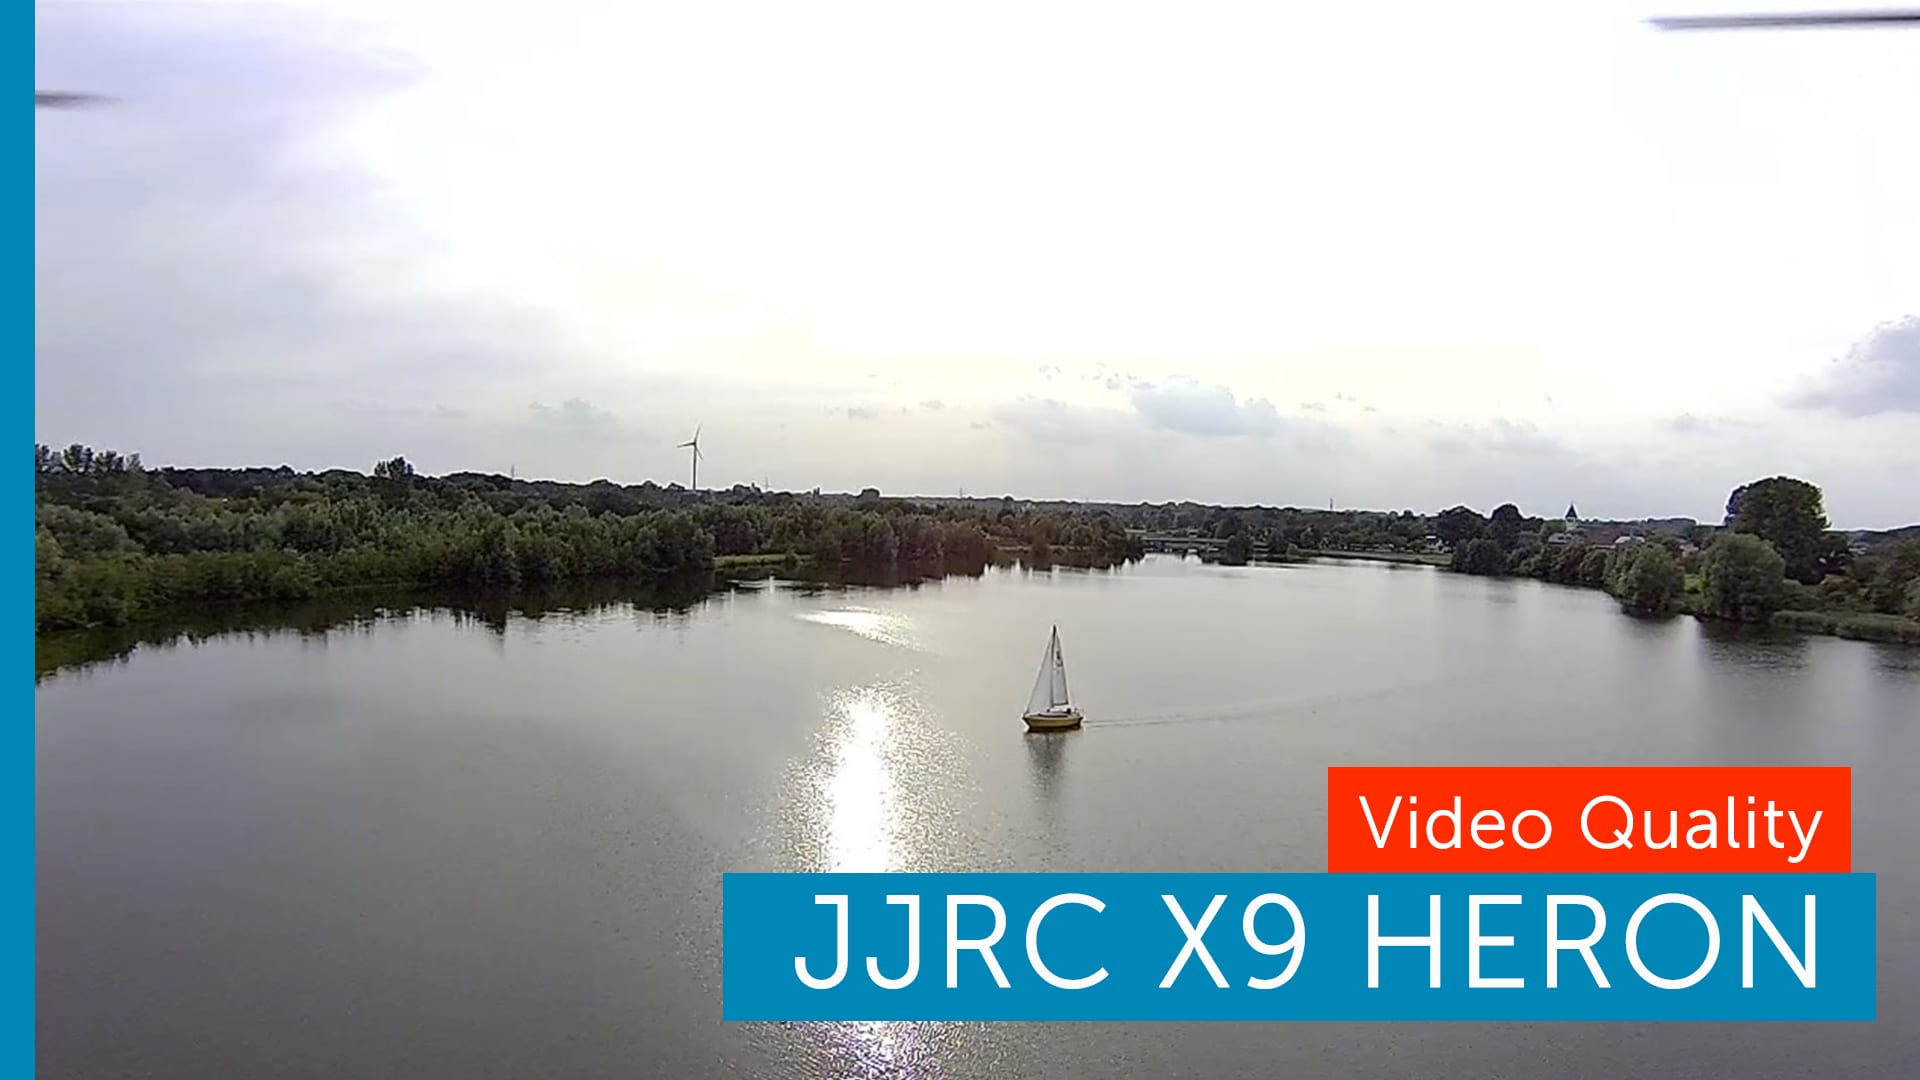 JJRC X9 Heron 1080p GPS Gimbal Drohne unter 200€